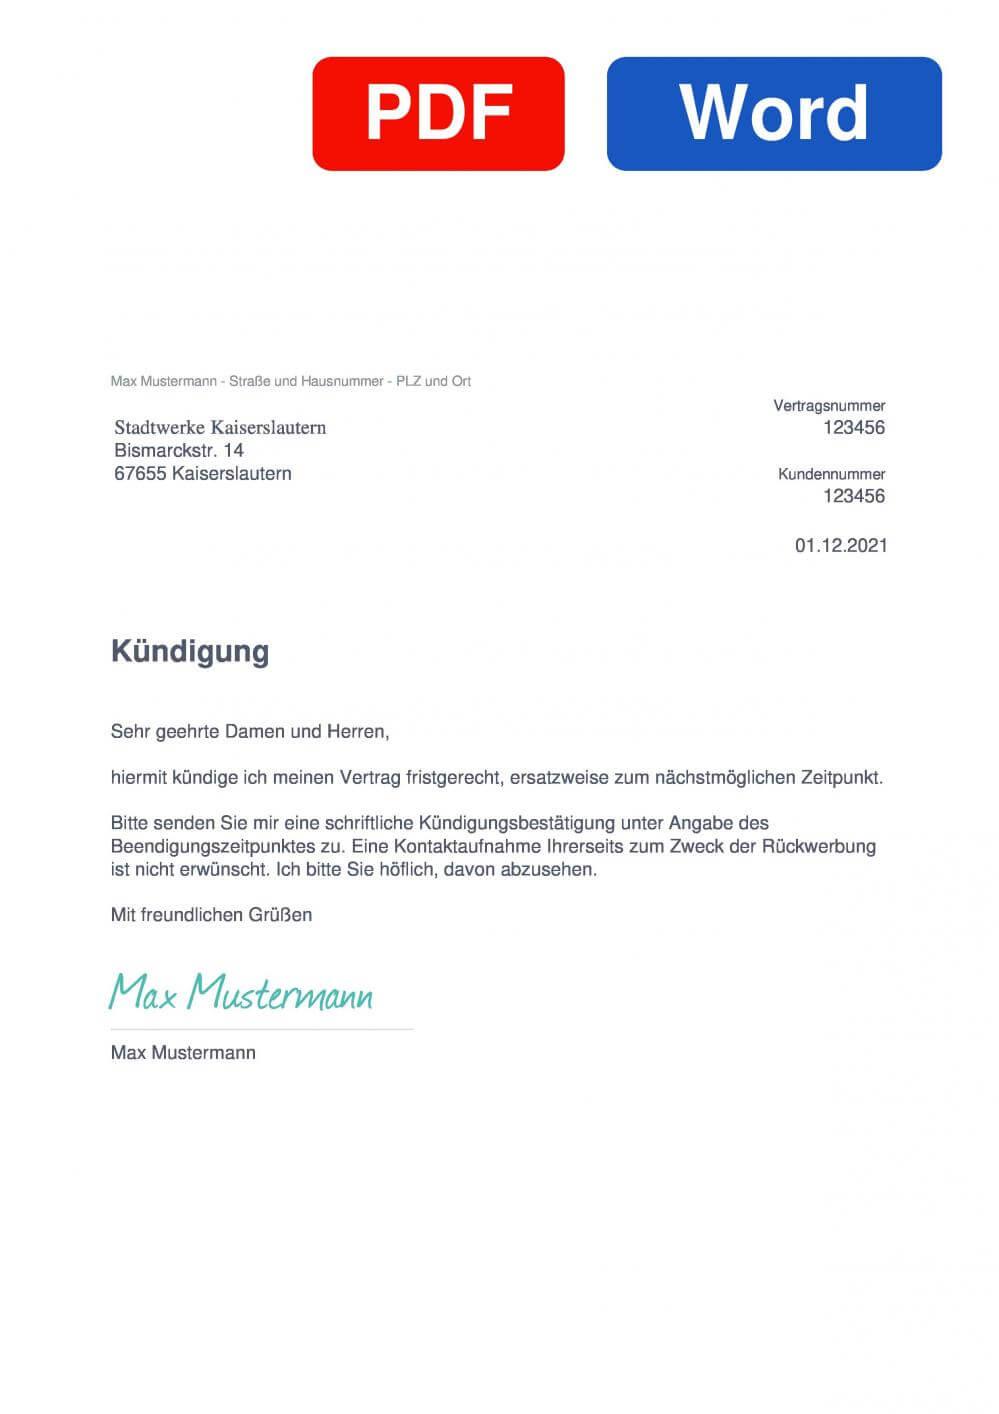 Stadtwerke Kaiserslautern Muster Vorlage für Kündigungsschreiben